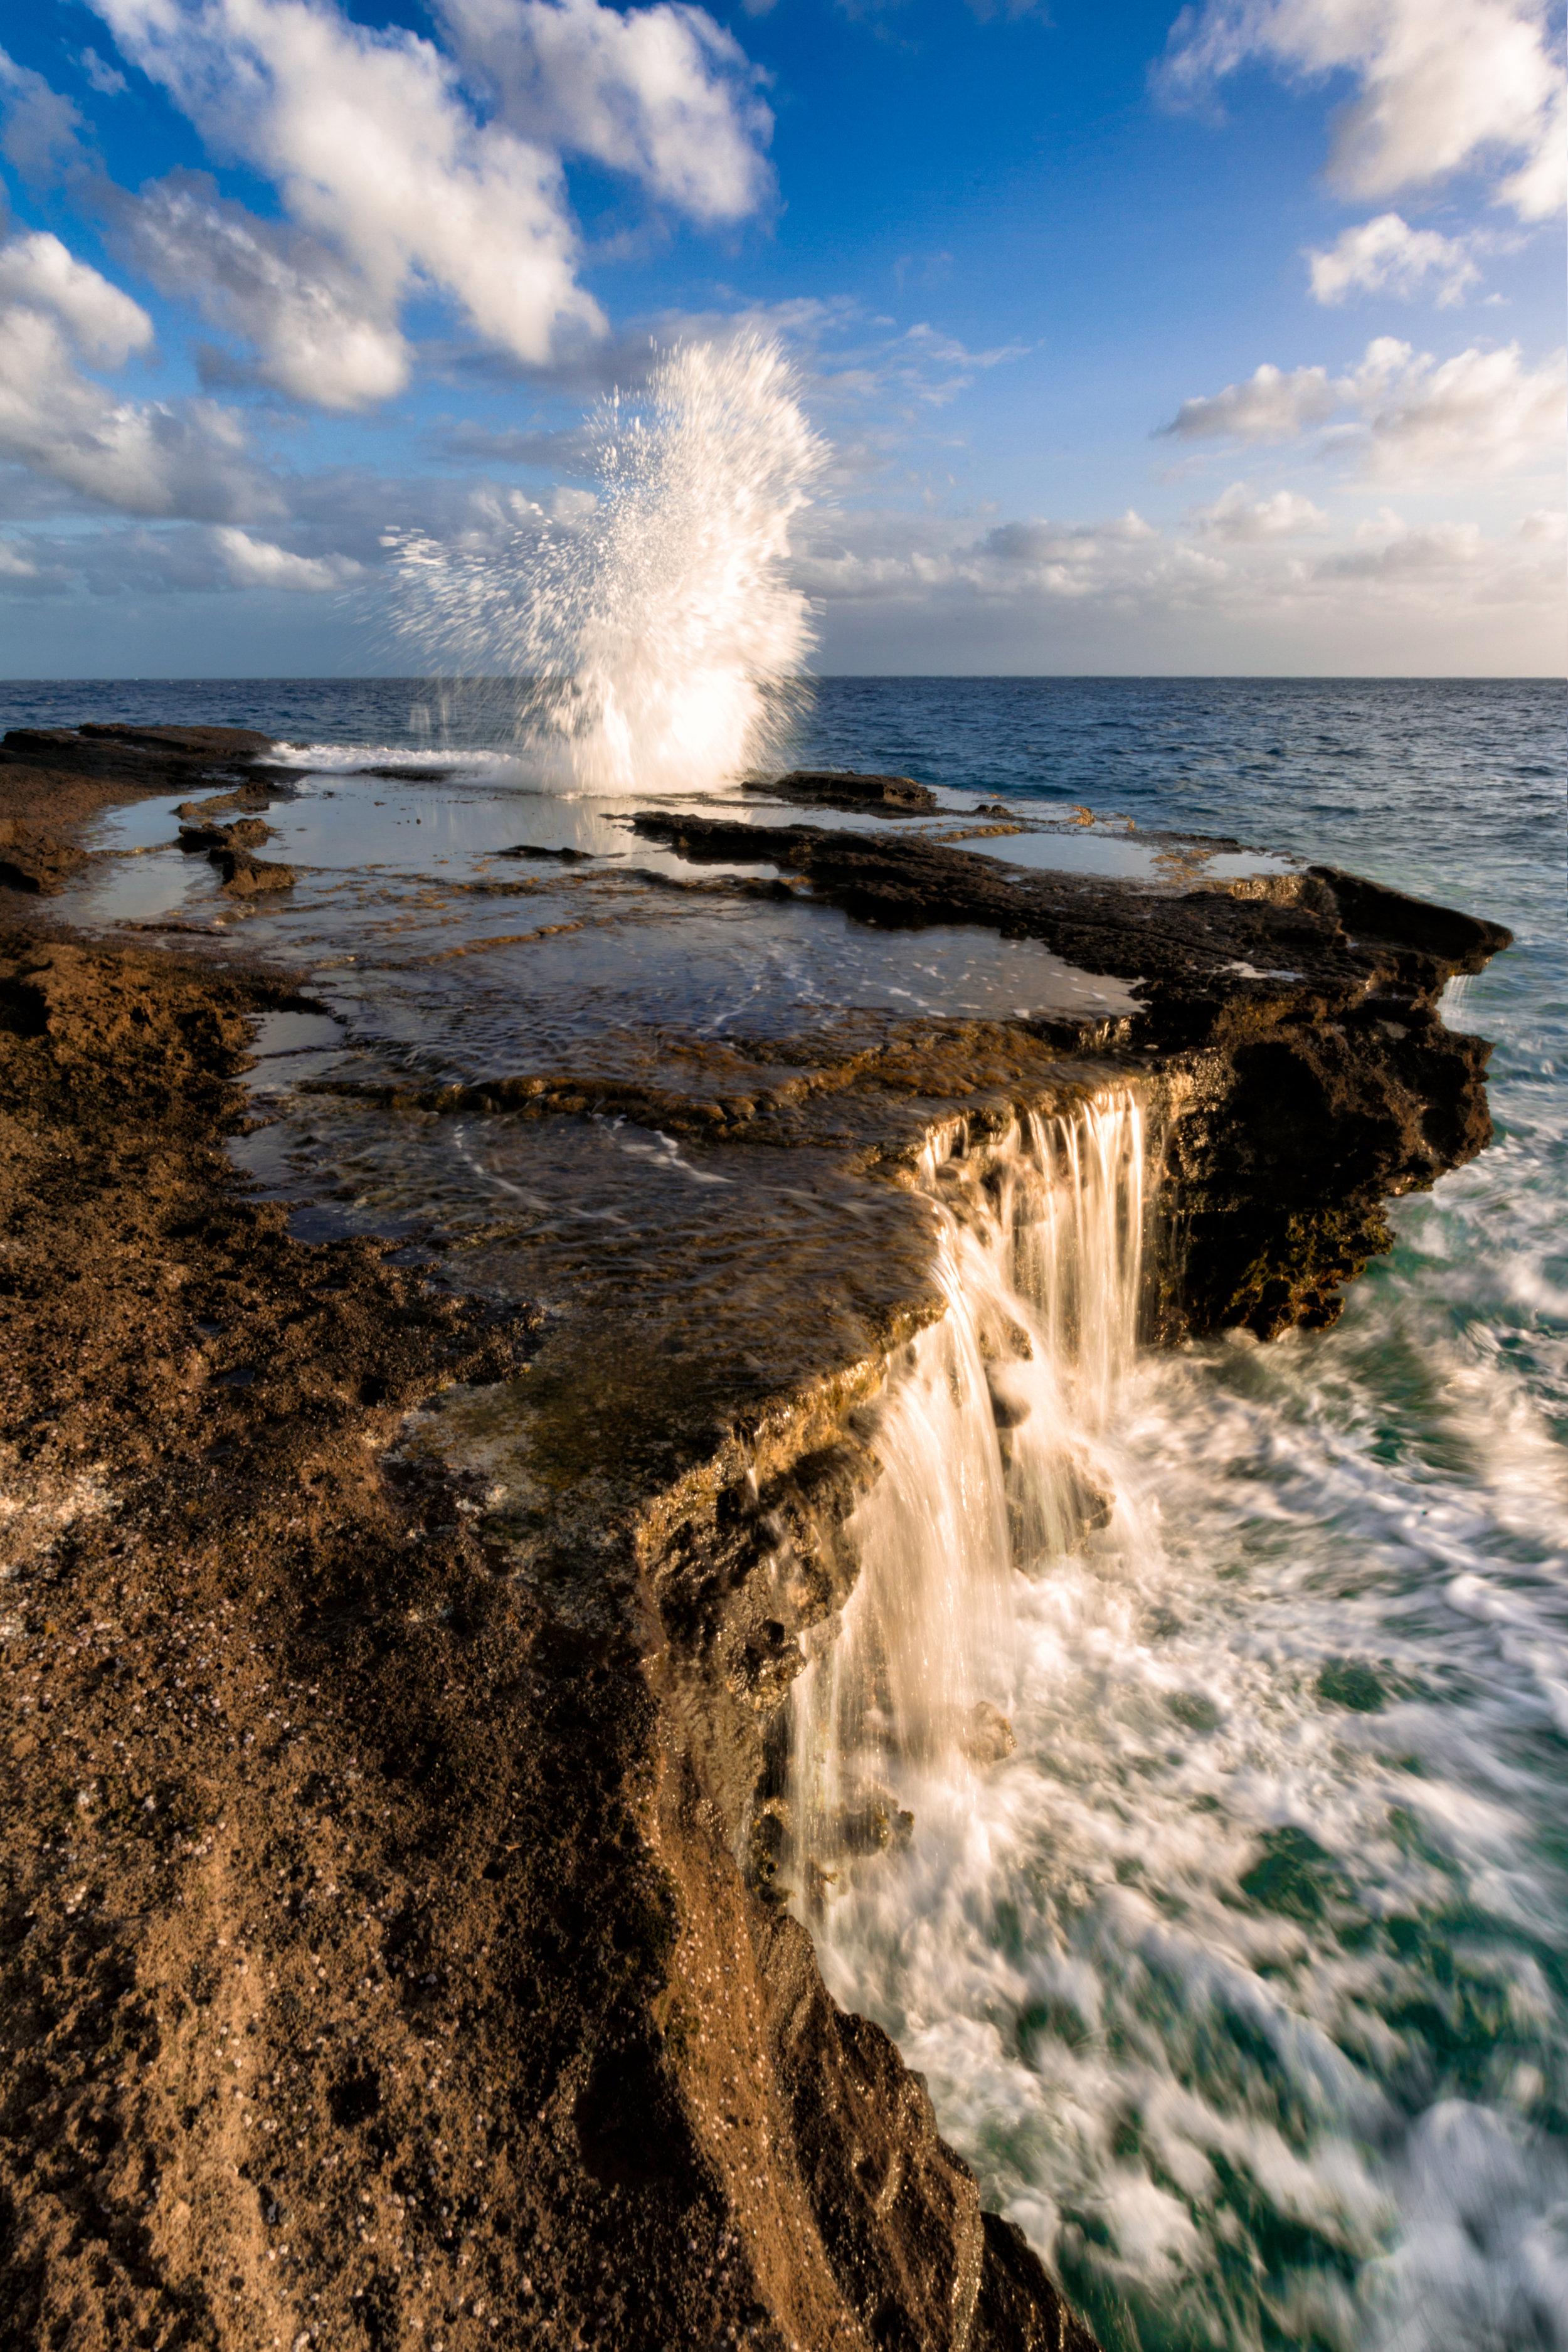 H-_Stills_Landscape-&-Wildlife_Hawaii_China-Walls_Temp_Water-Spalsh-Sunset-Clean.jpg